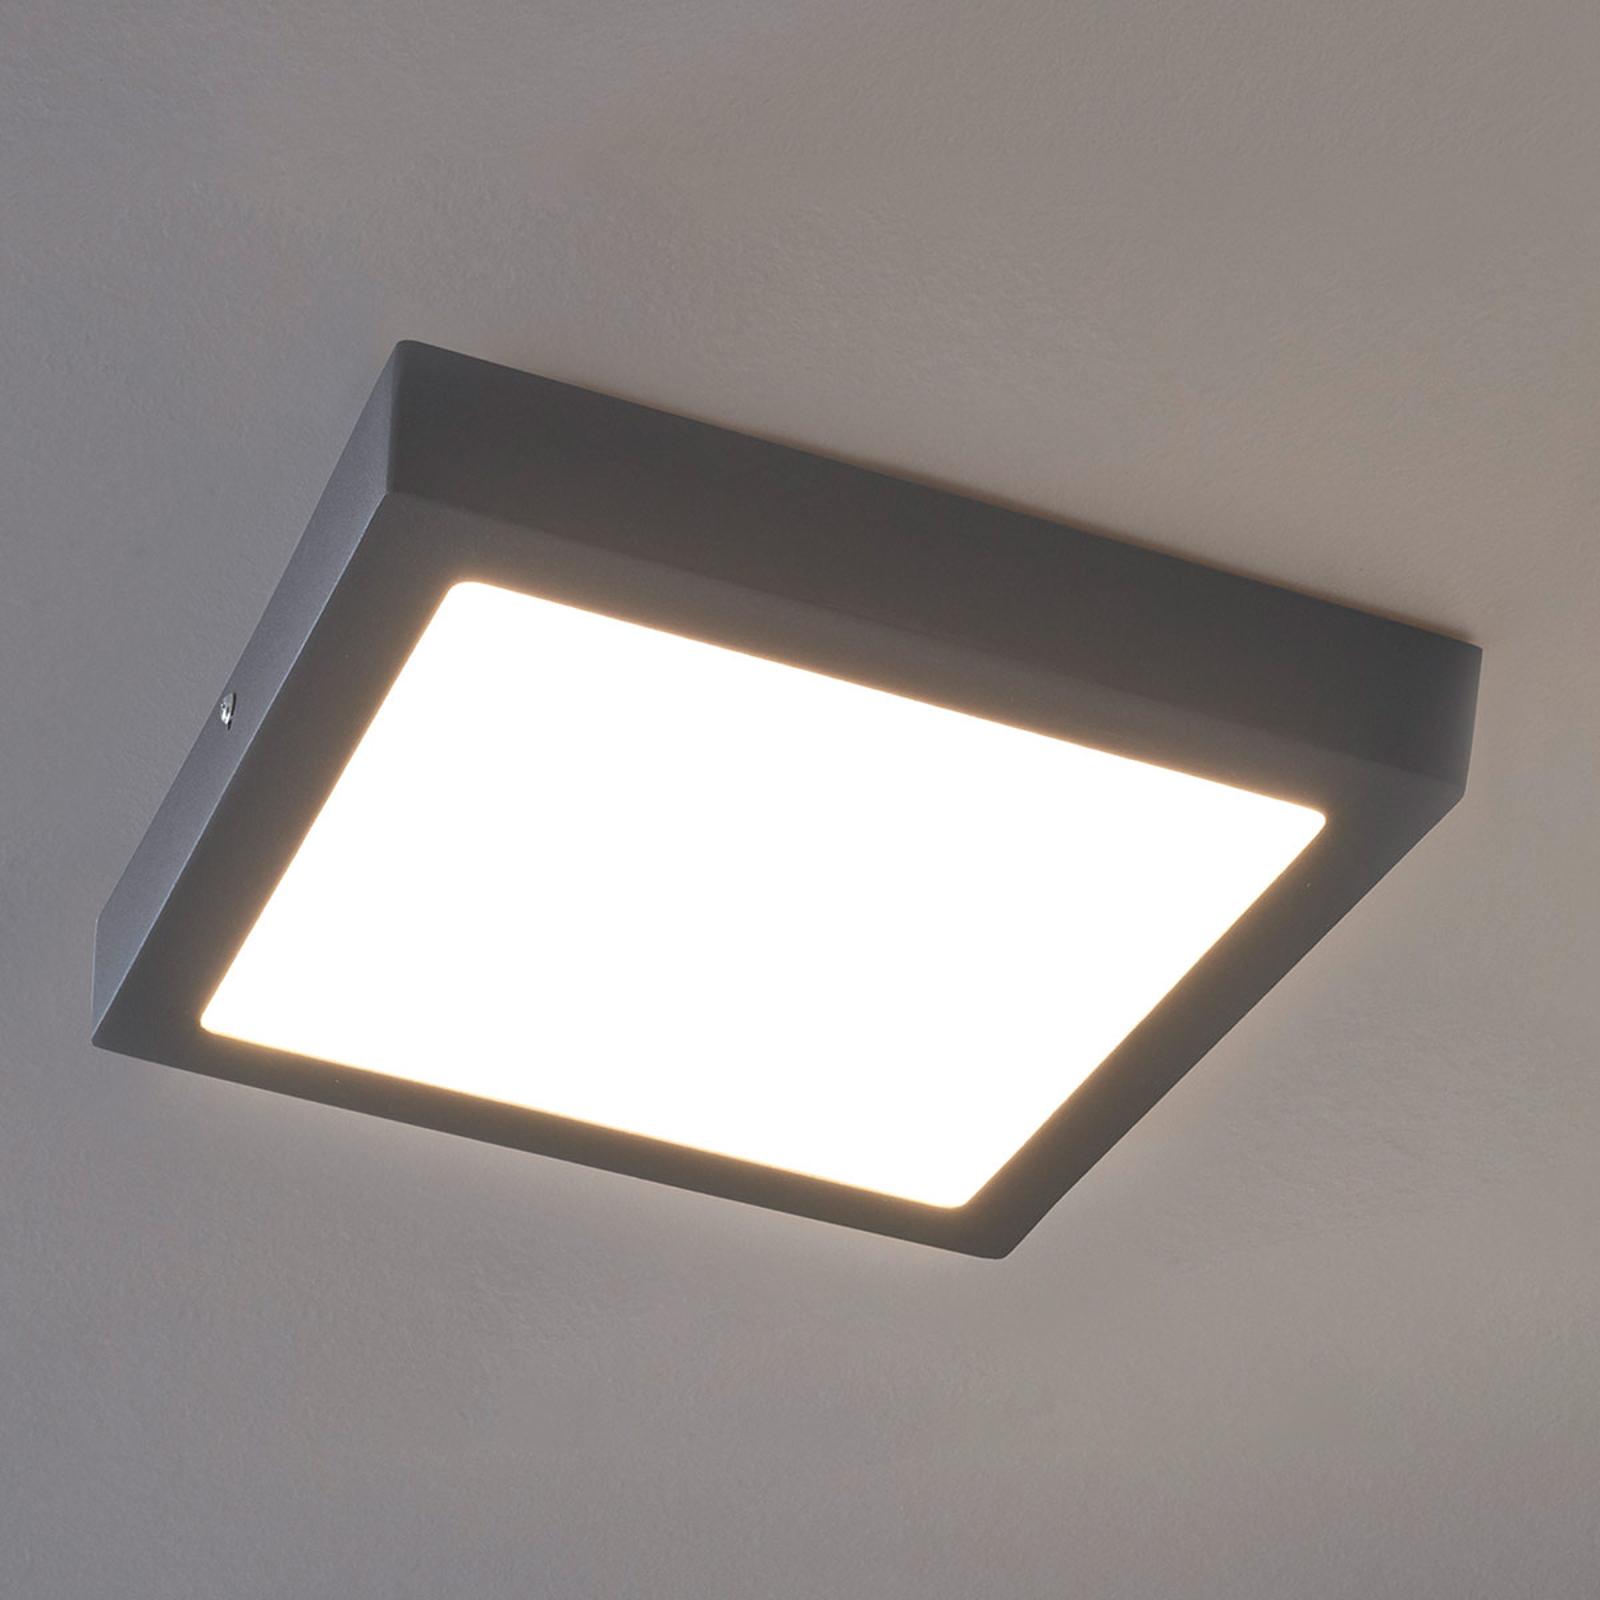 LED-Deckenleuchte Argolis für den Außenbereich